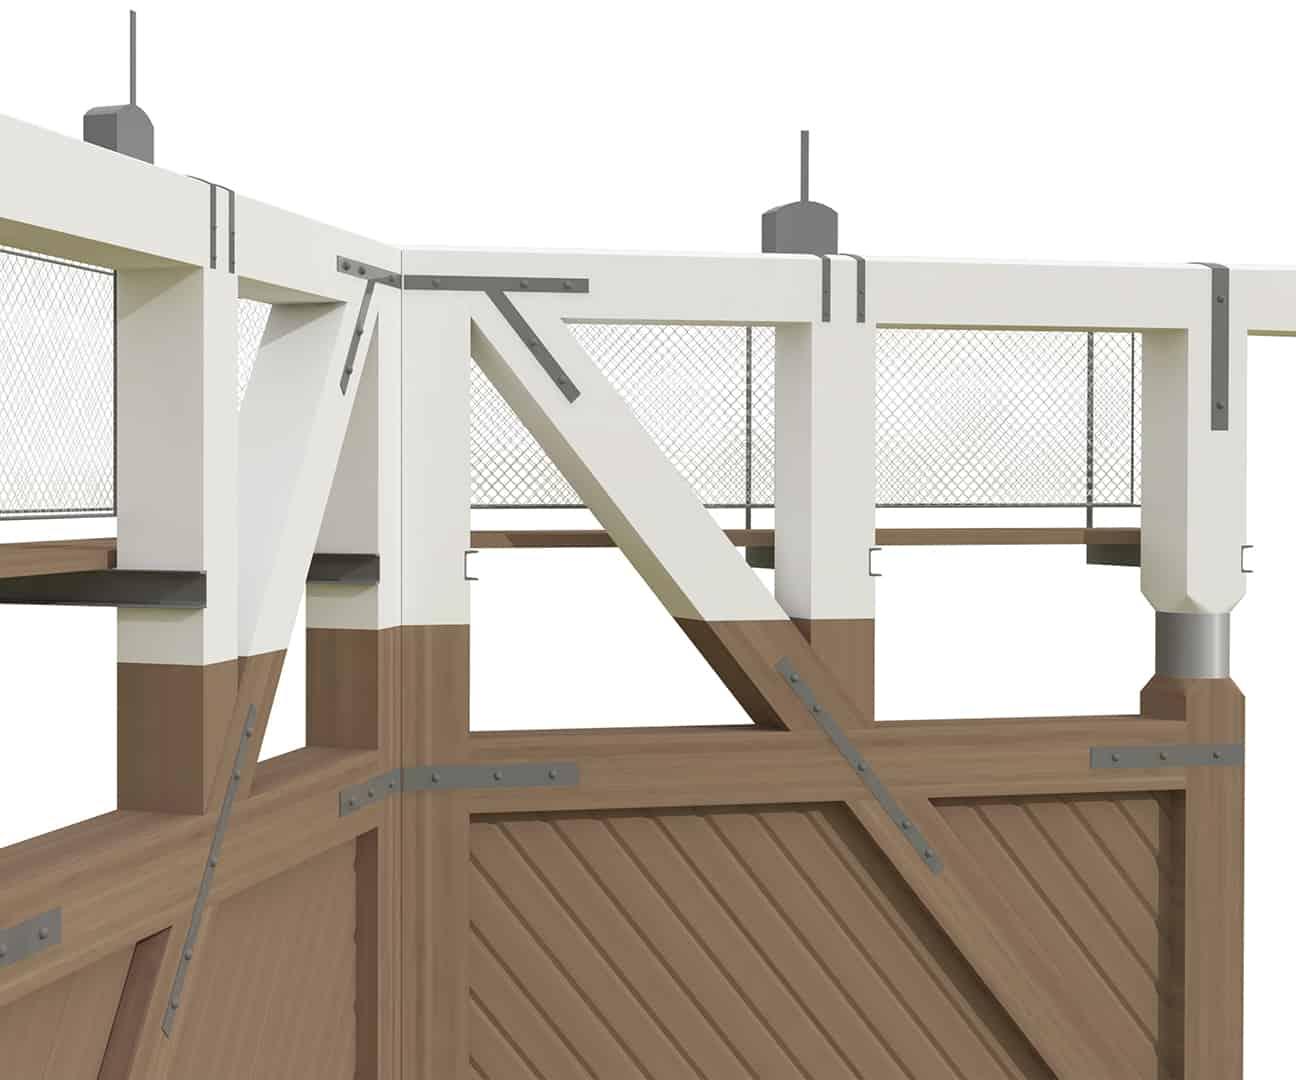 B+M Architecture - Détail sur les mécanismes de ventelle